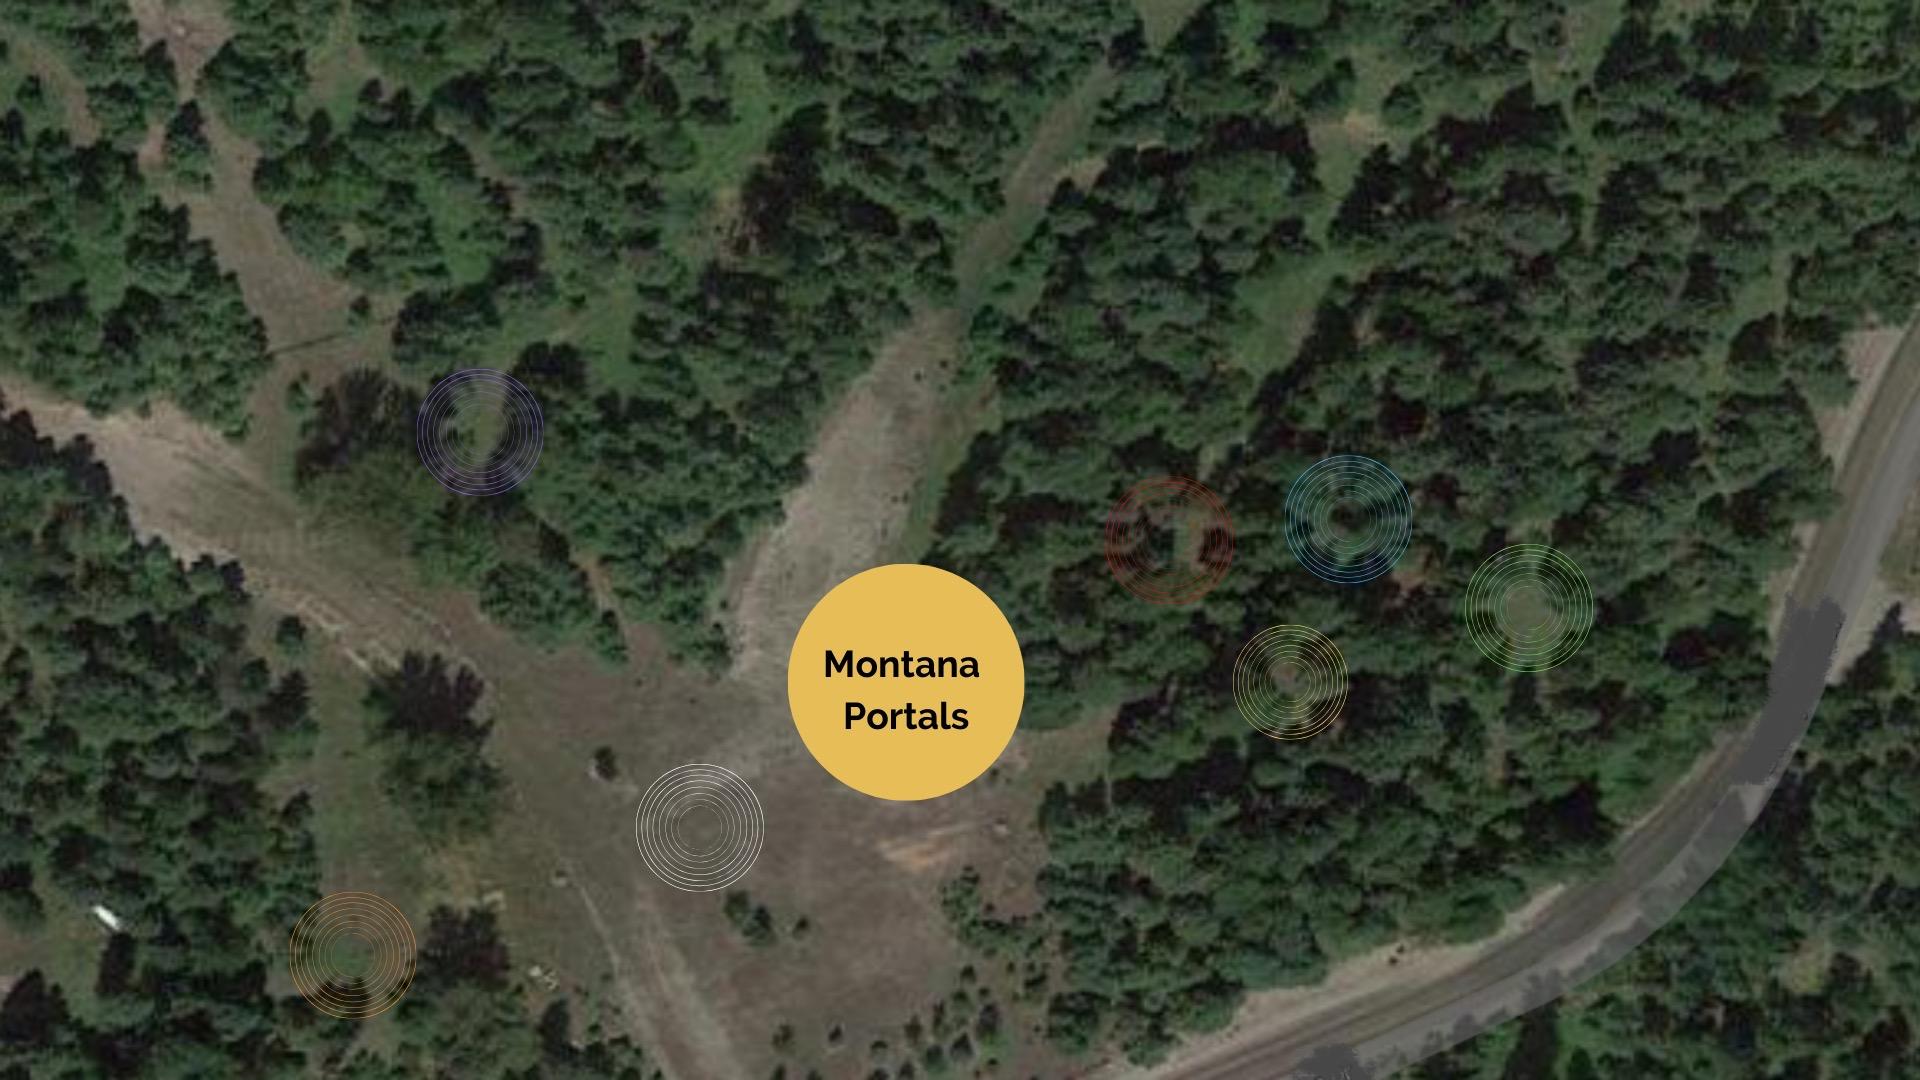 Montana Portals